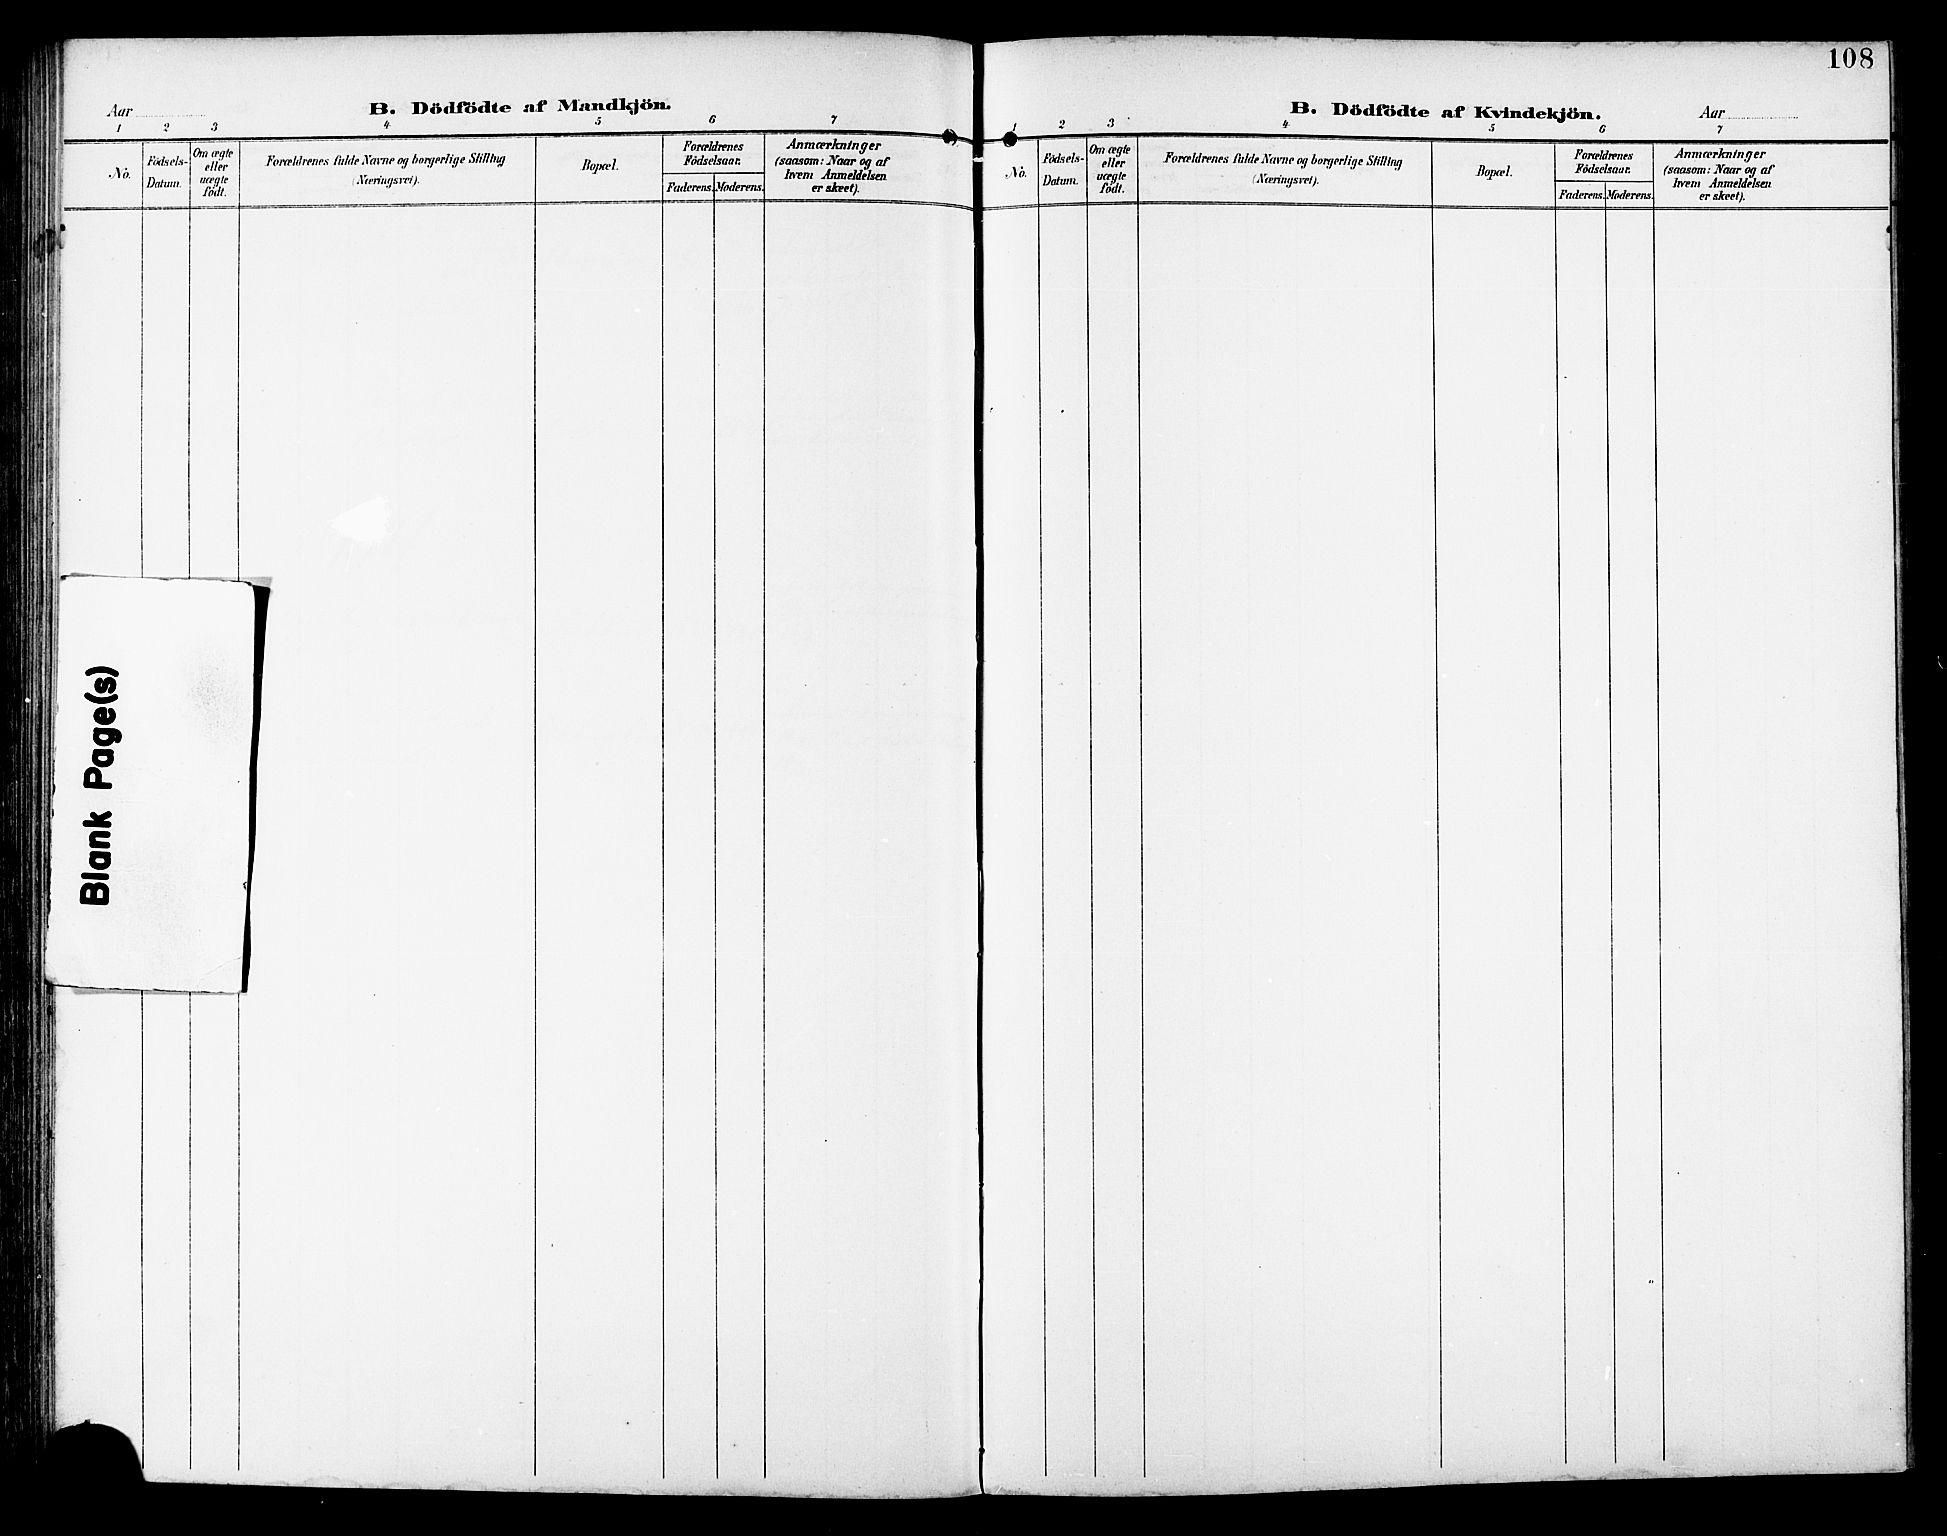 SAT, Ministerialprotokoller, klokkerbøker og fødselsregistre - Sør-Trøndelag, 672/L0864: Klokkerbok nr. 672C03, 1902-1914, s. 108